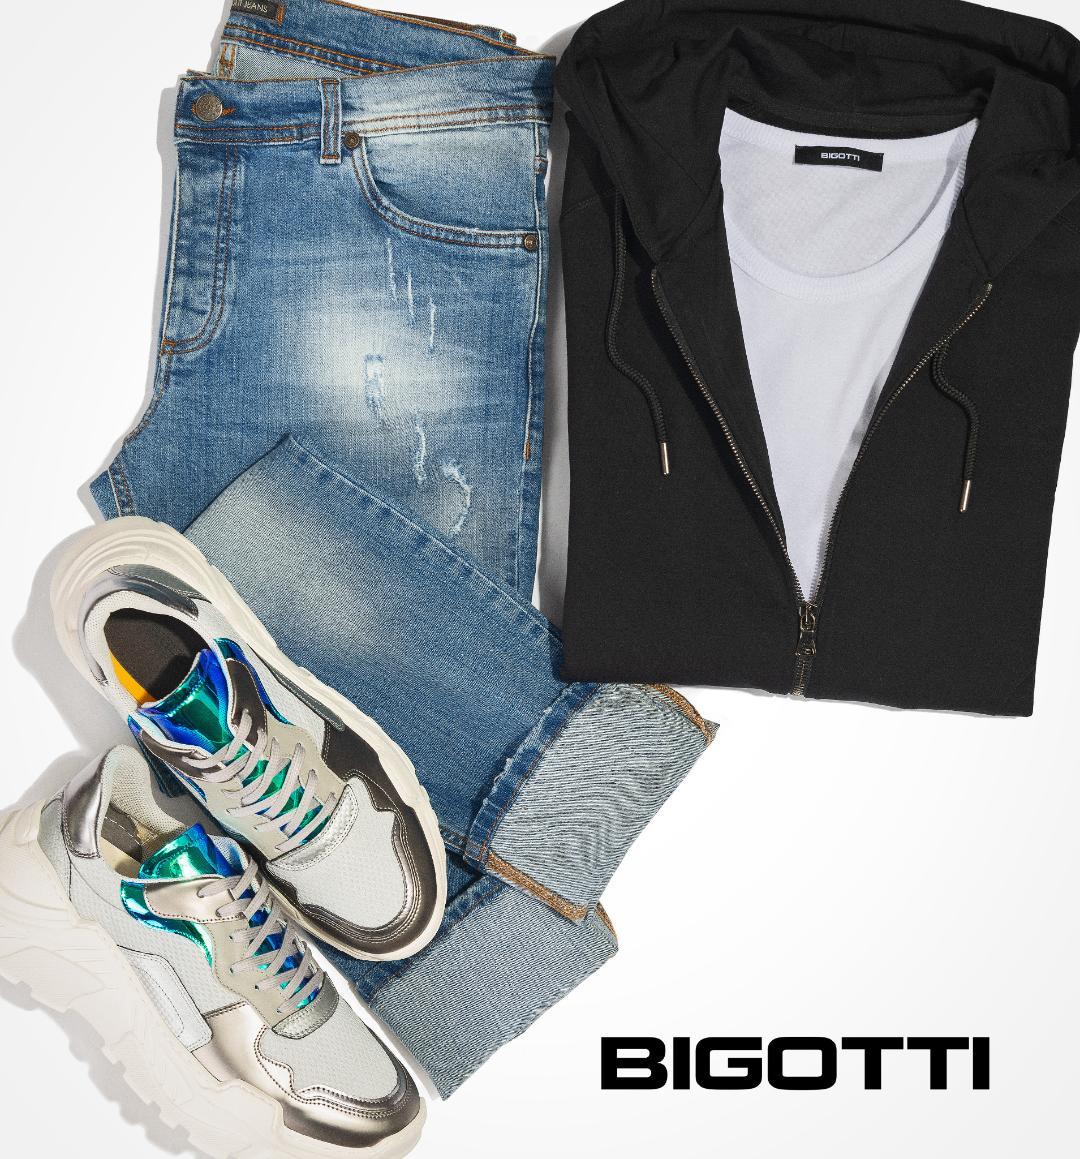 Let the #extravagant #elements speak in the #serenity of #casual! https://t.co/qtSrZJ4SdF #Bigottiromania #Romania #moda #barbati #stilmasculin #casualfashion #hoodie #jeans #sneakers #sneakeraddict #sneakernews #blugi #styleinspo #mensfashion #menswear #mensclothing #mensstyle https://t.co/aYwDkloHG5